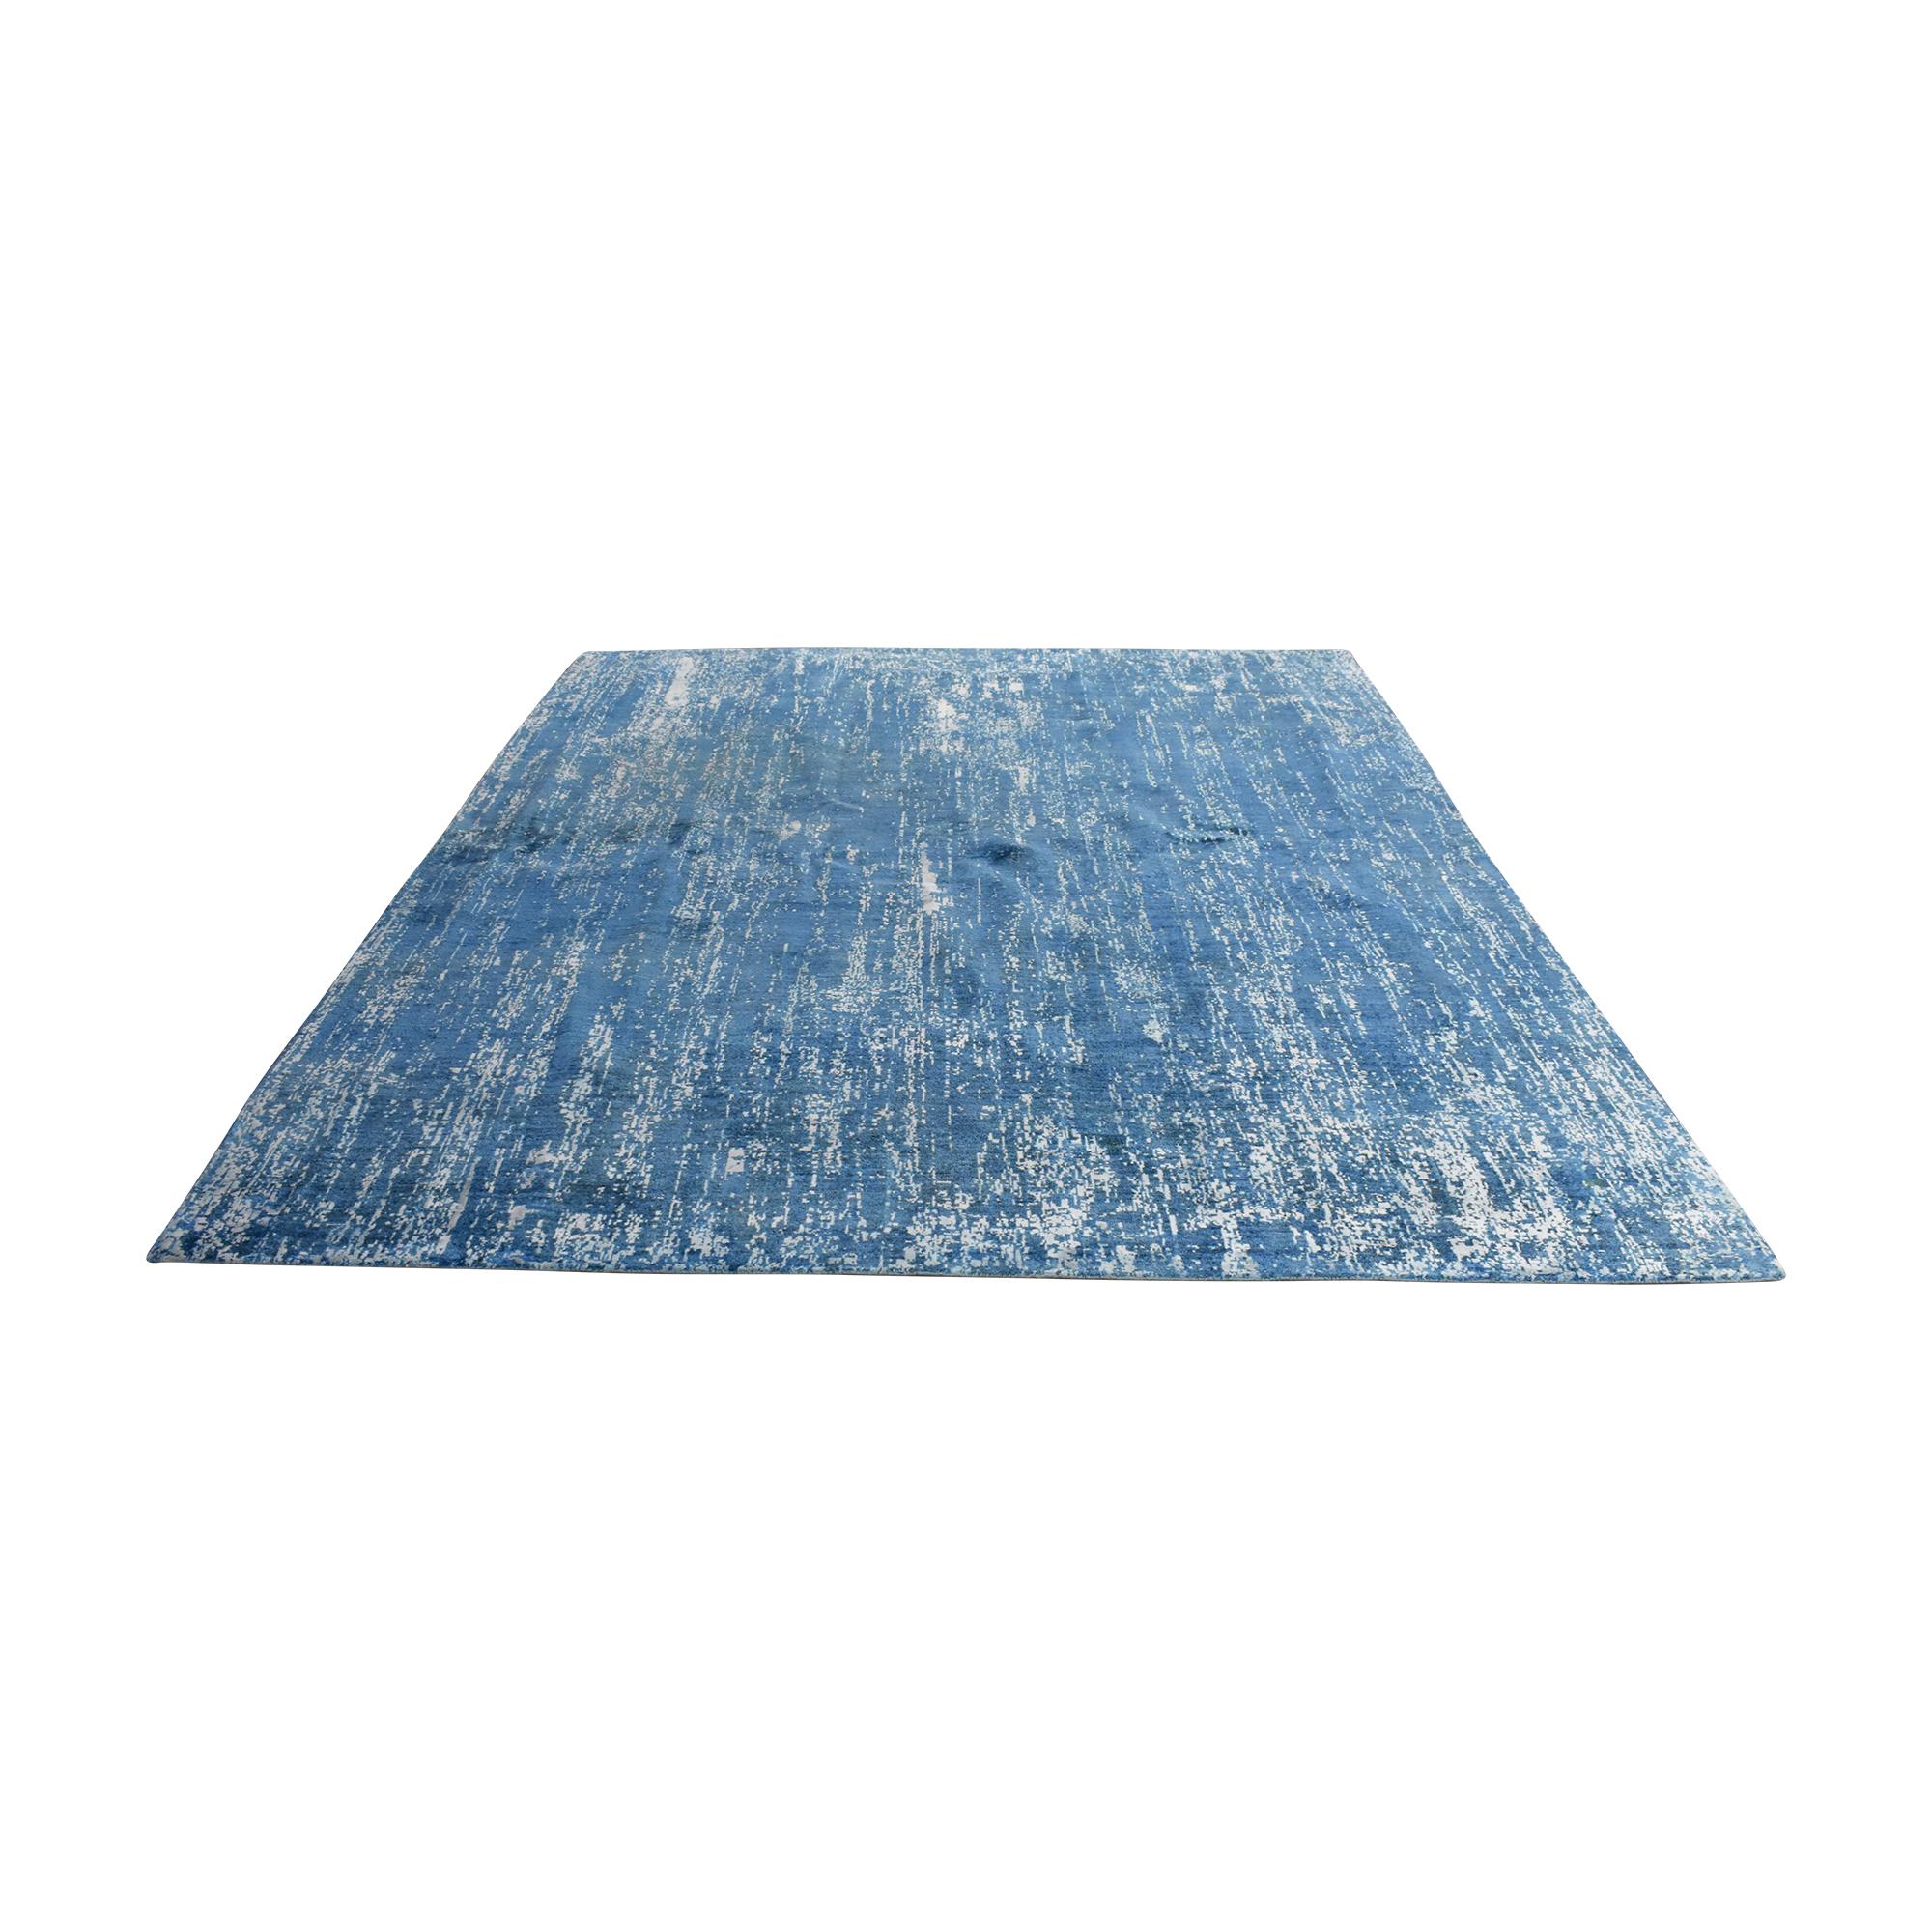 ABC Carpet & Home ABC Carpet & Home Modern Area Rug Decor